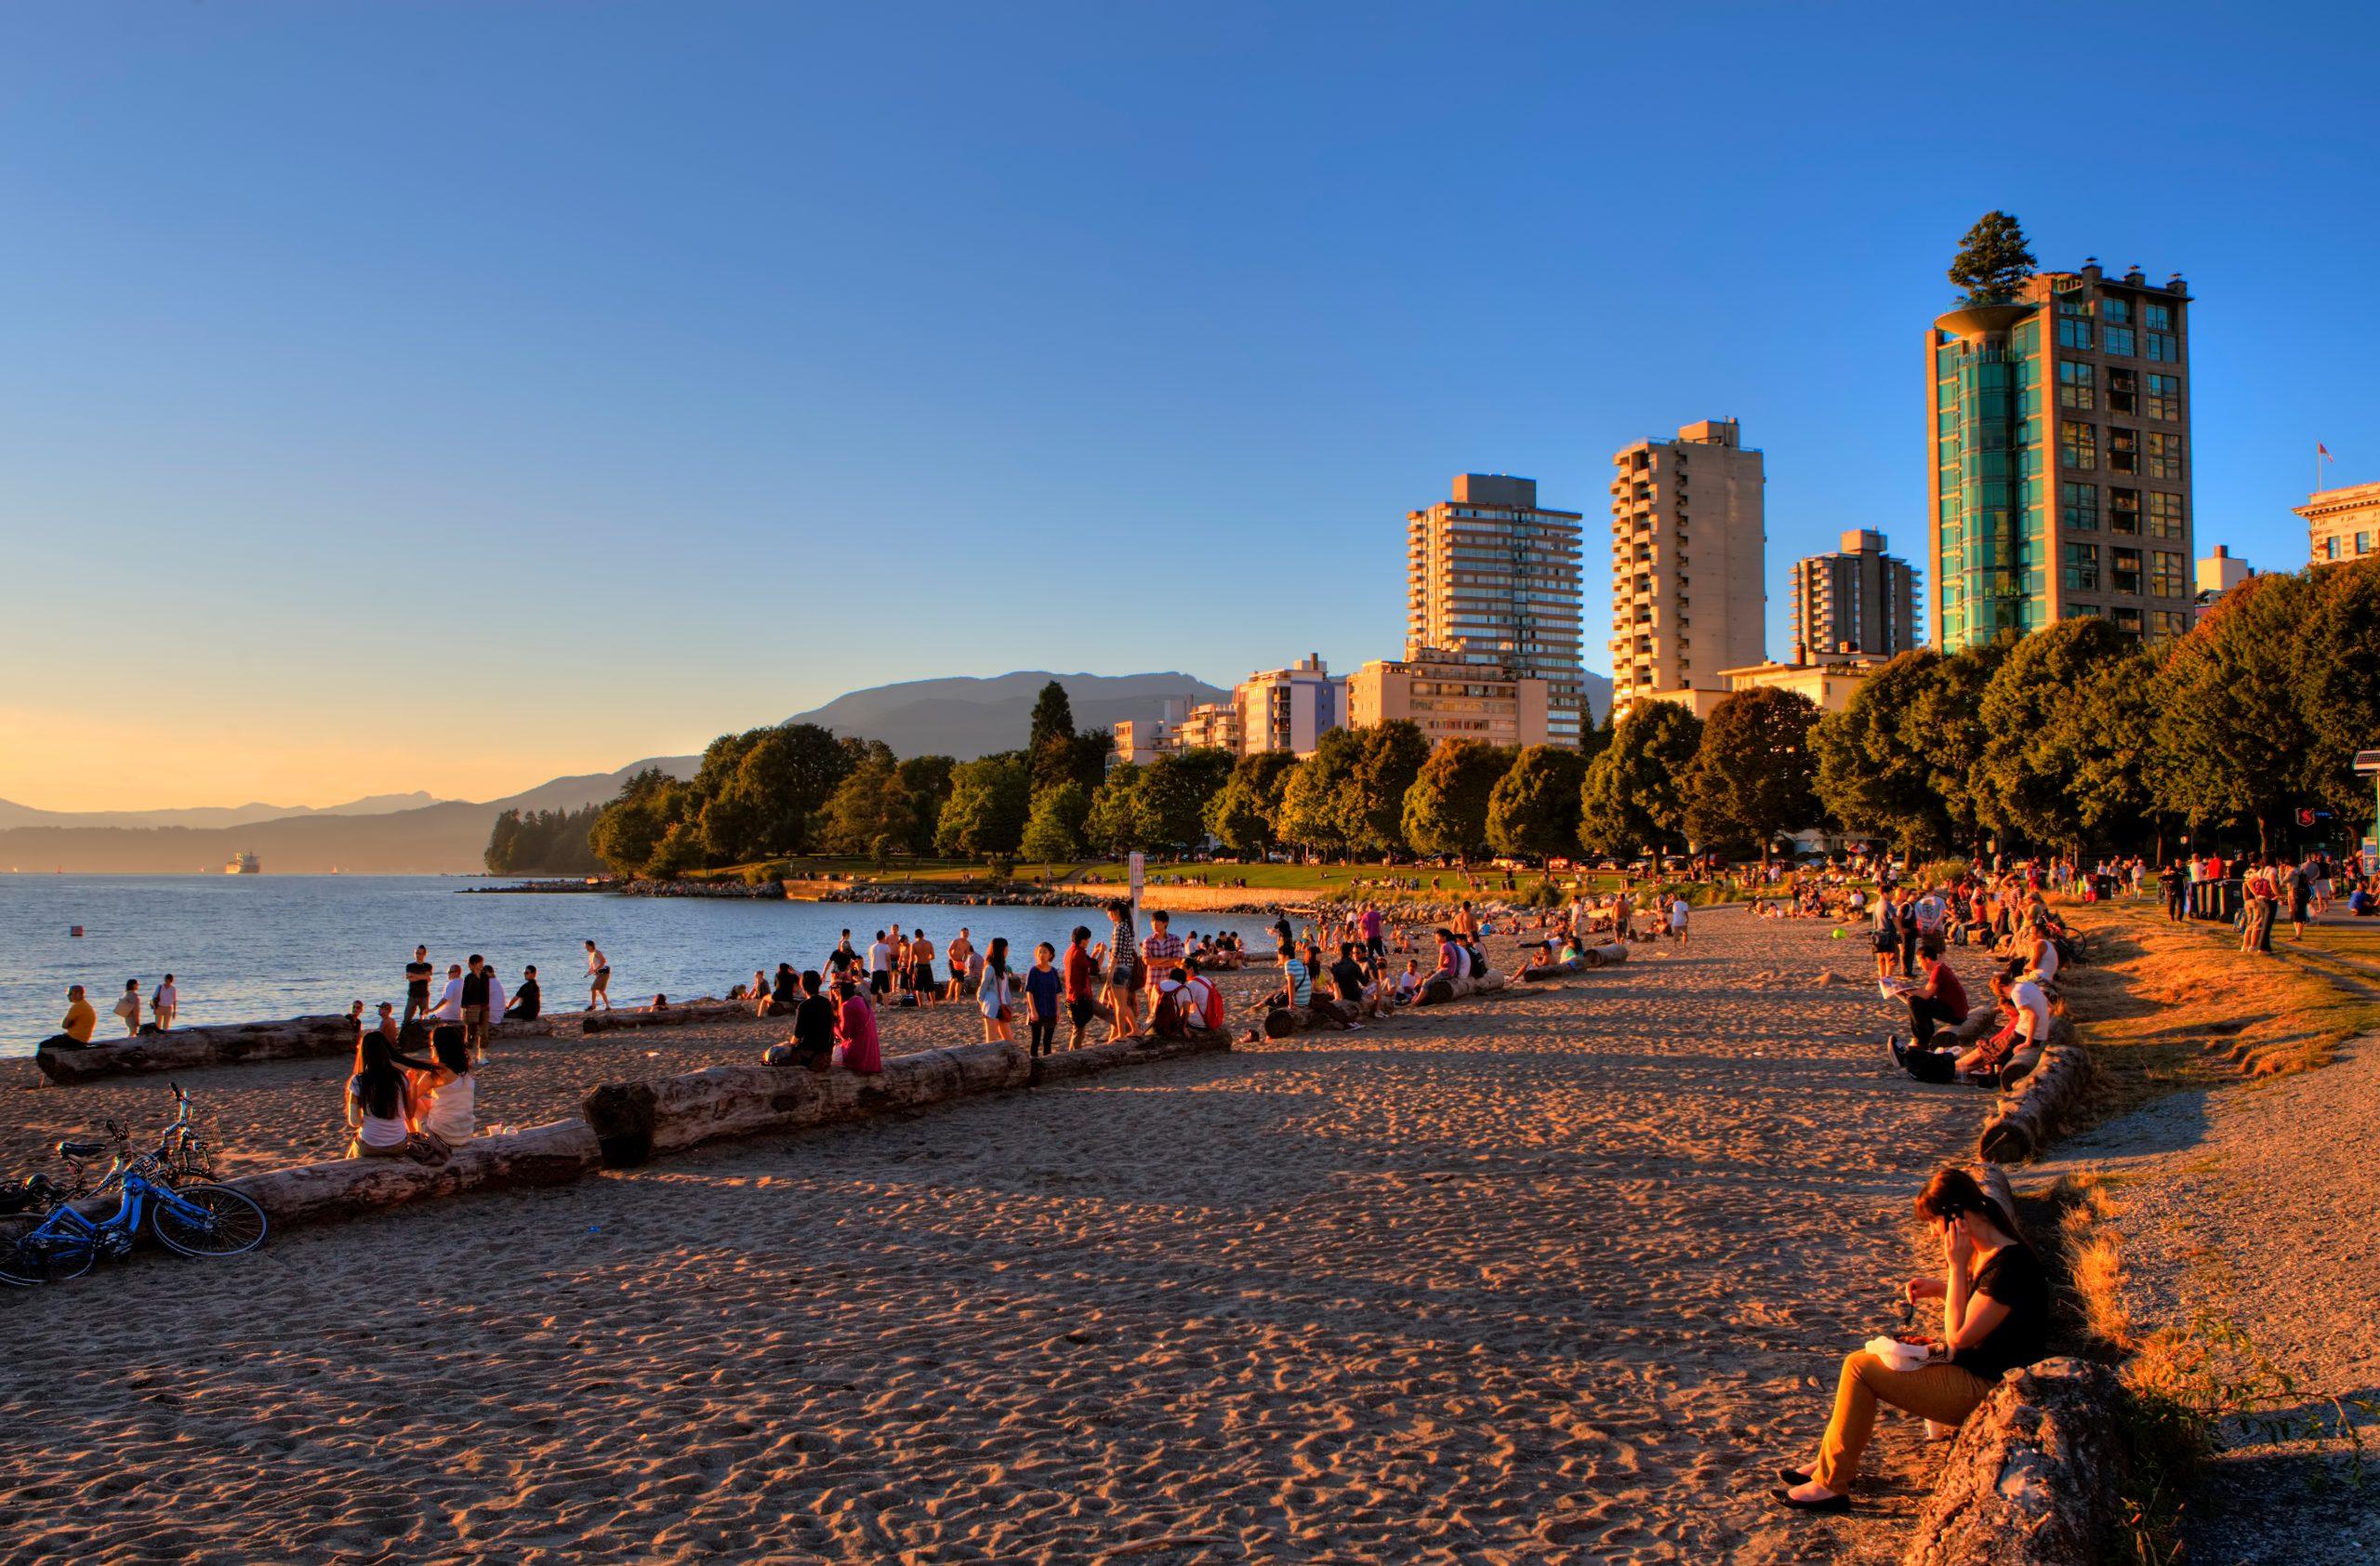 Vancouvers English Bay